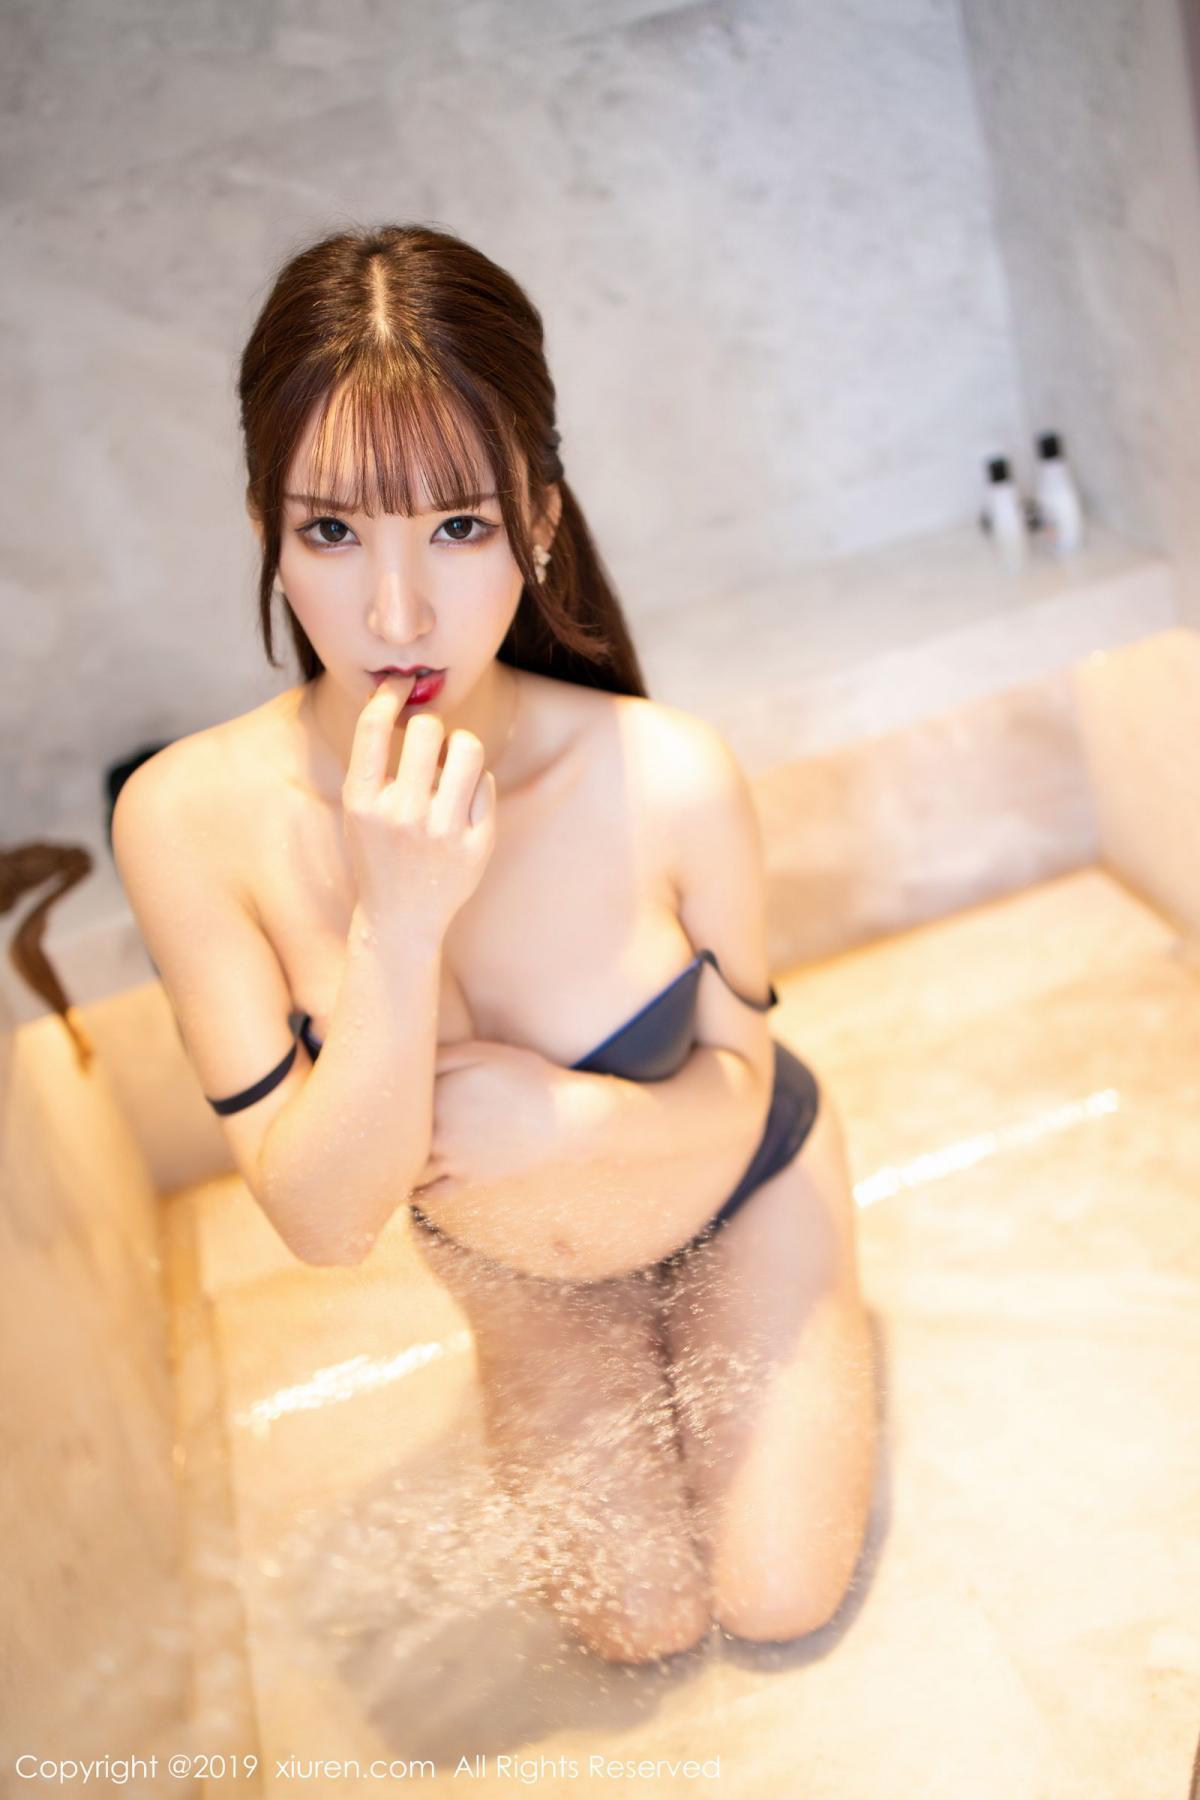 [XiuRen] Vol.1703 Zhou Yu Xi 60P, Bathroom, Wet, Xiuren, Zhou Yu Xi